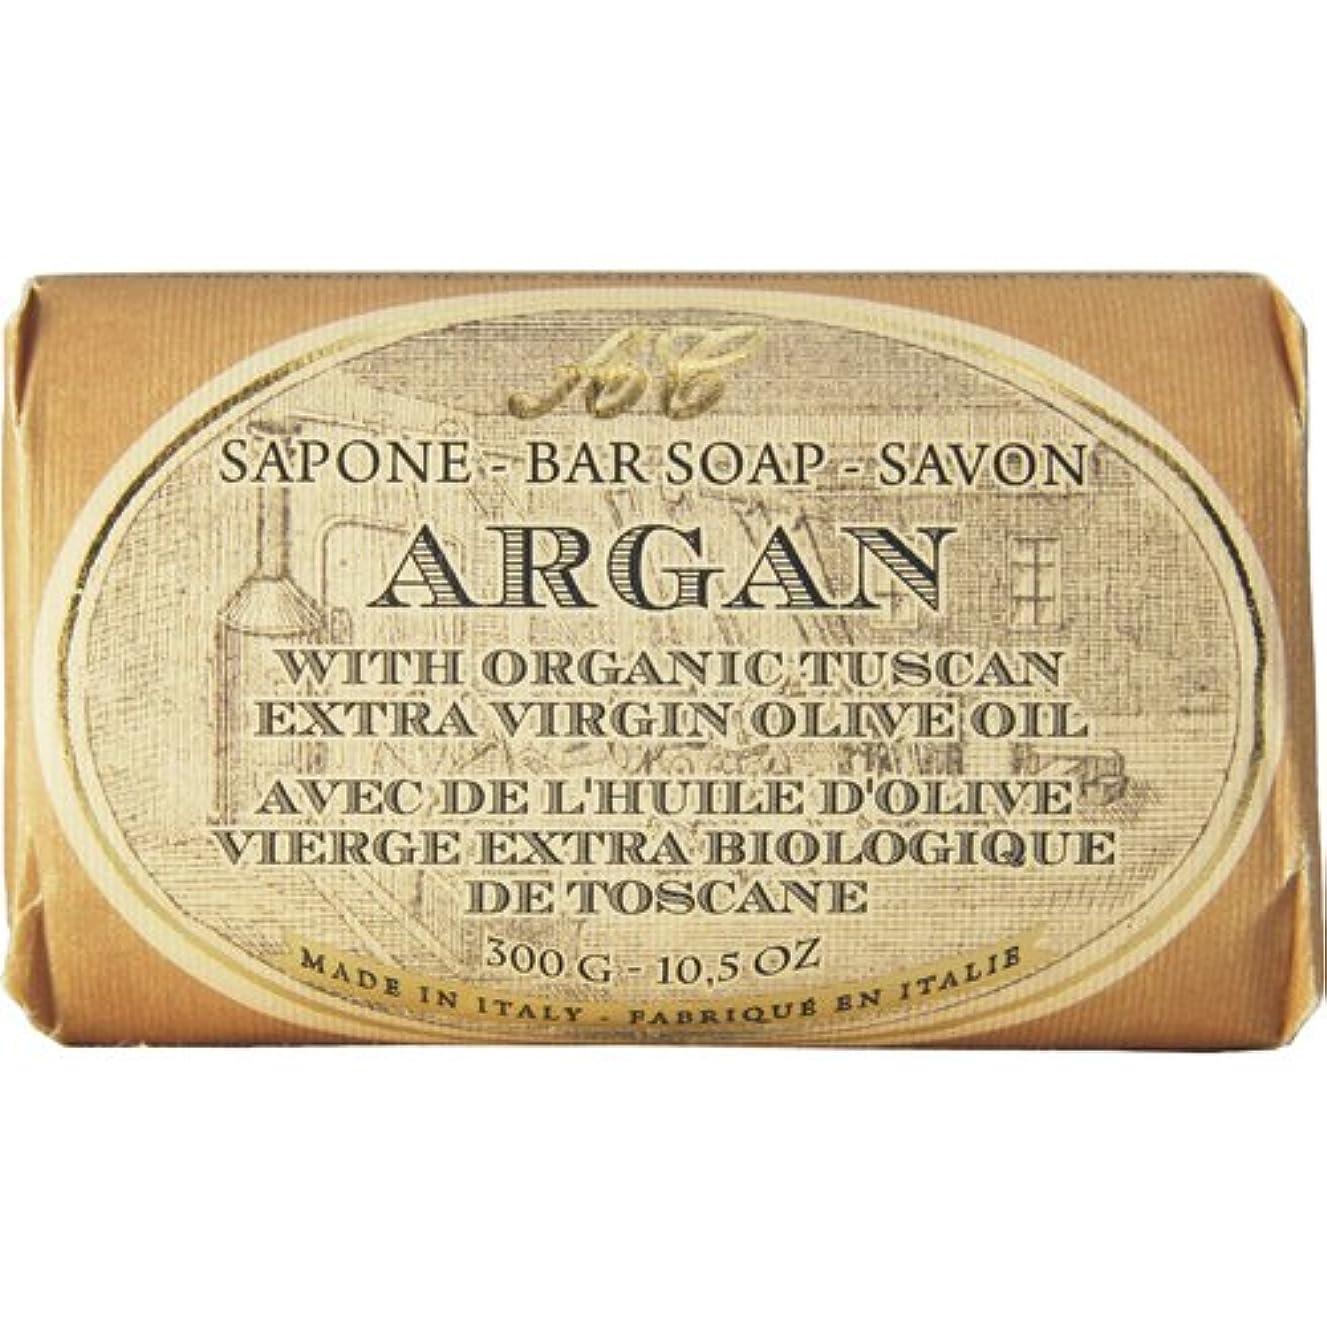 ヒロイックケープ修正するSaponerire Fissi レトロシリーズ Bar Soap バーソープ 300g Argan アルガンオイル